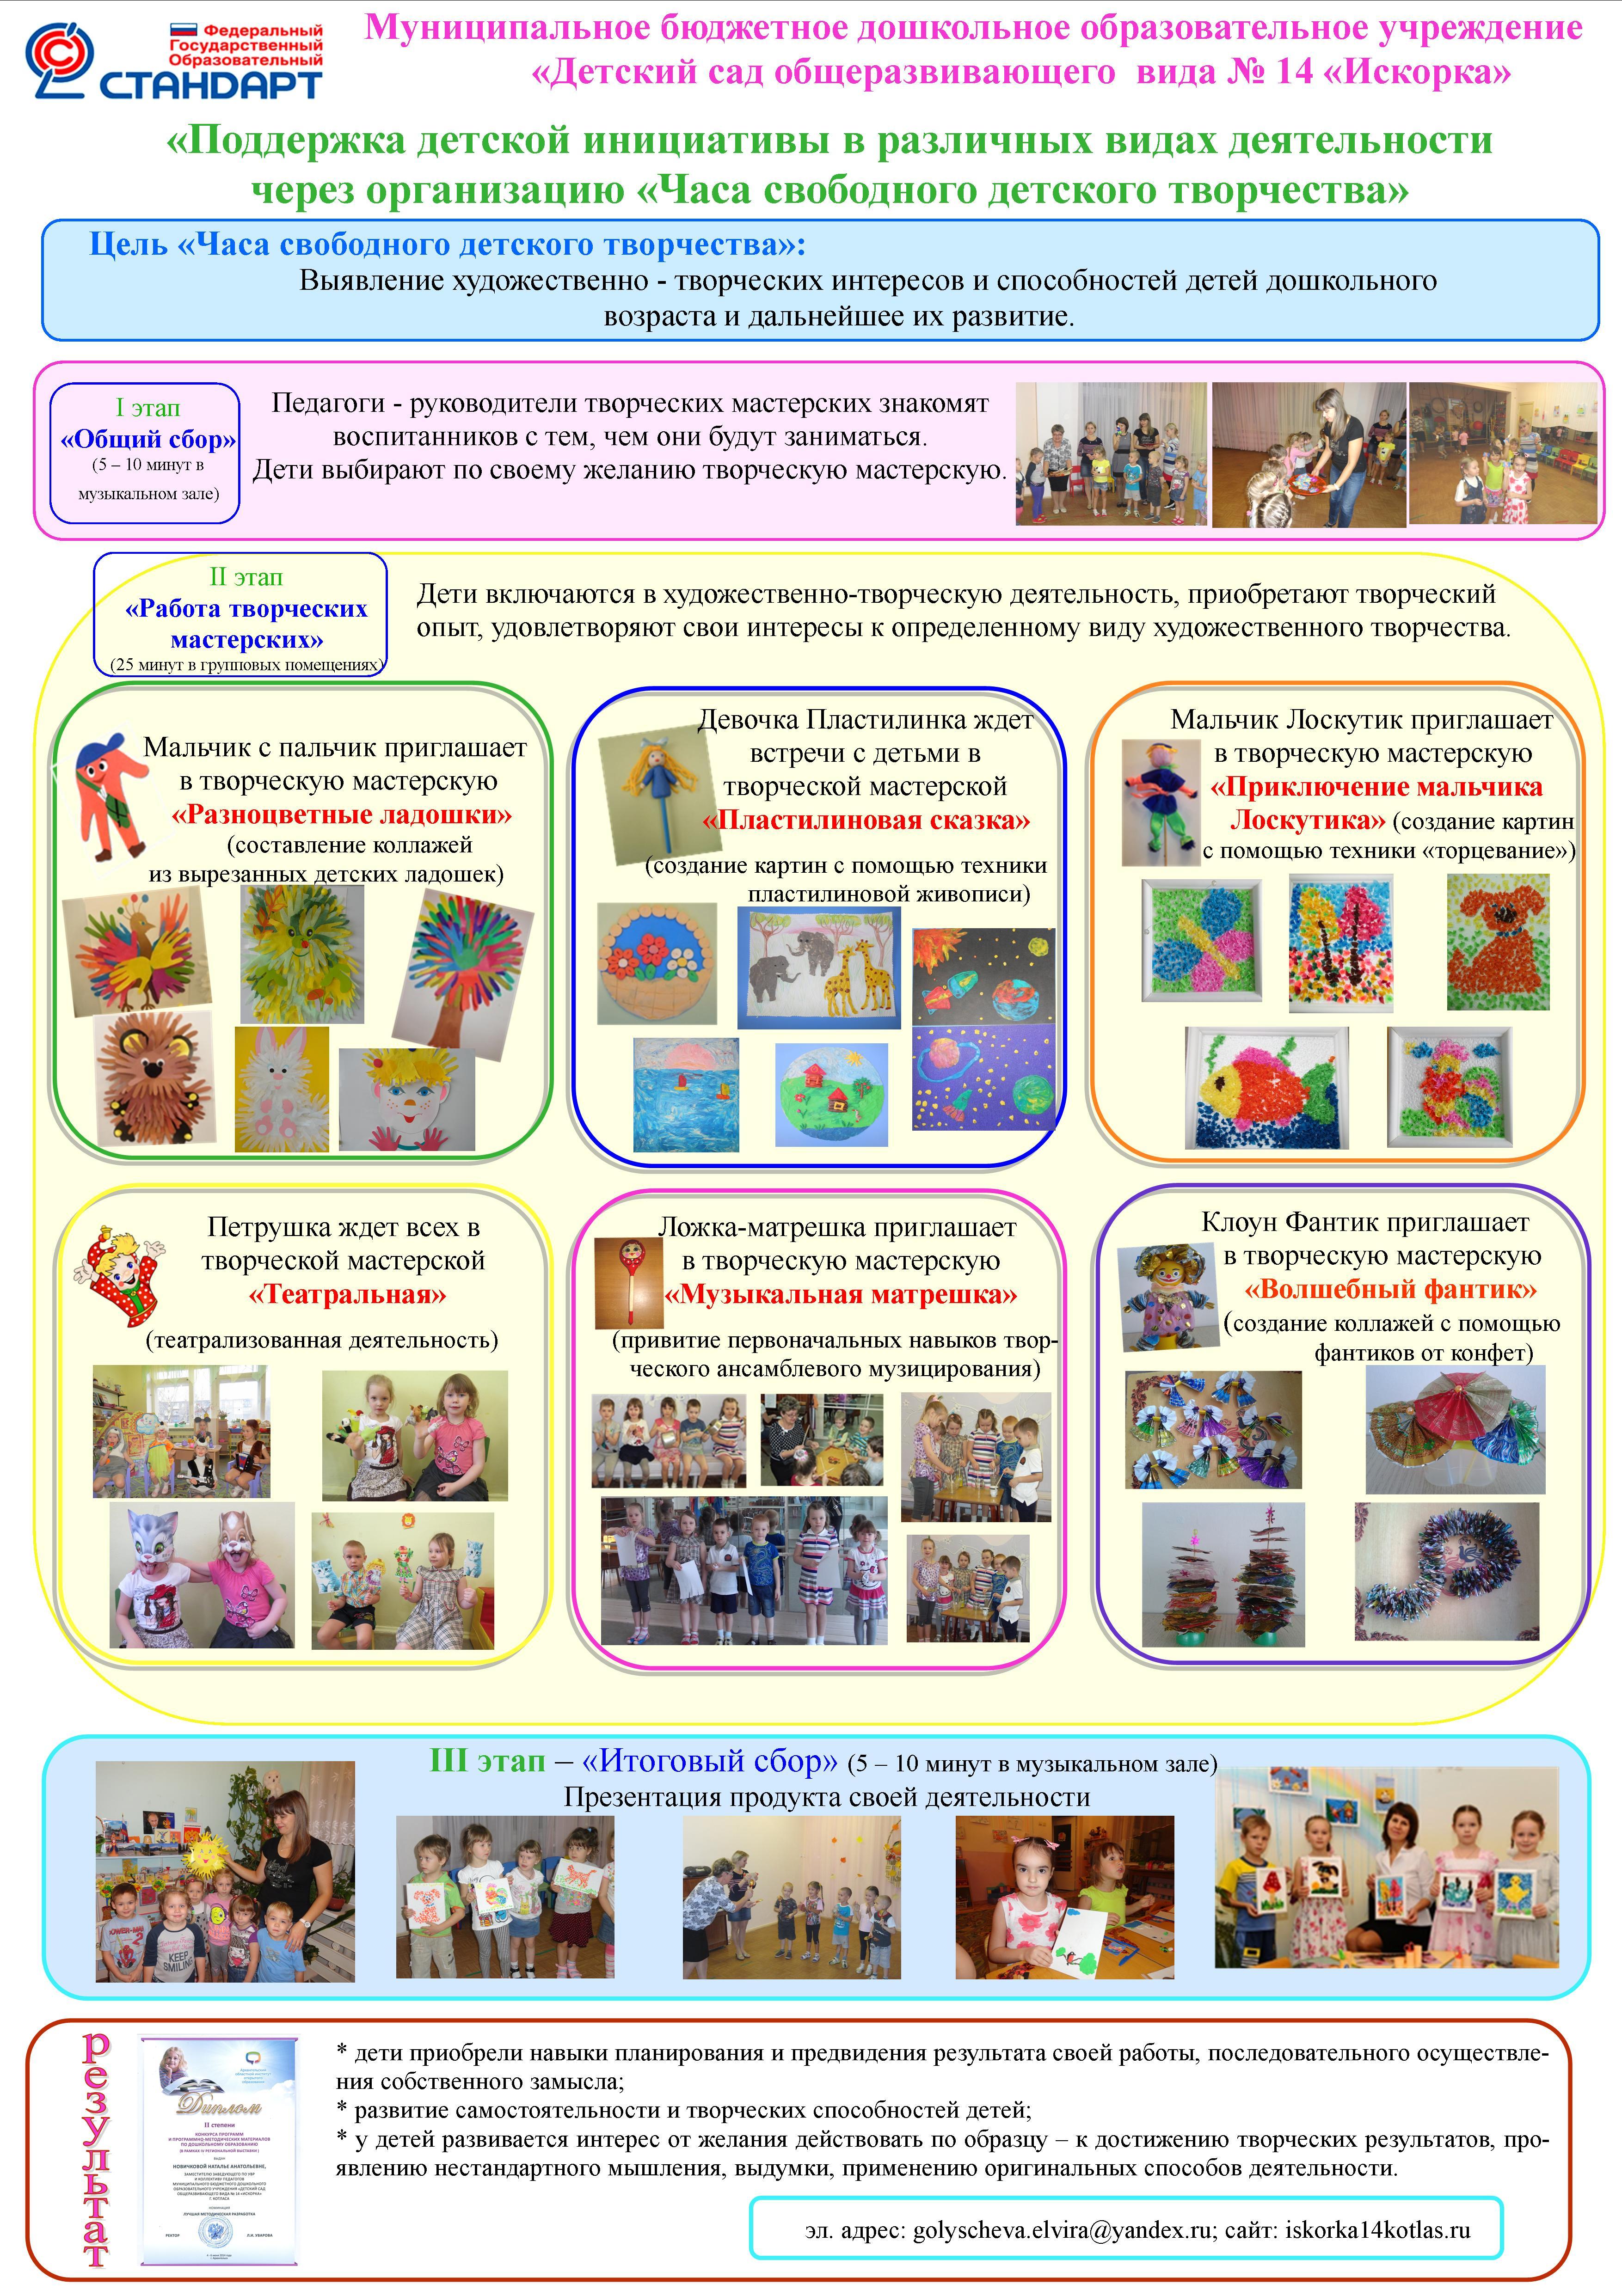 Поддержка детской инициативы в различных видах деятельности